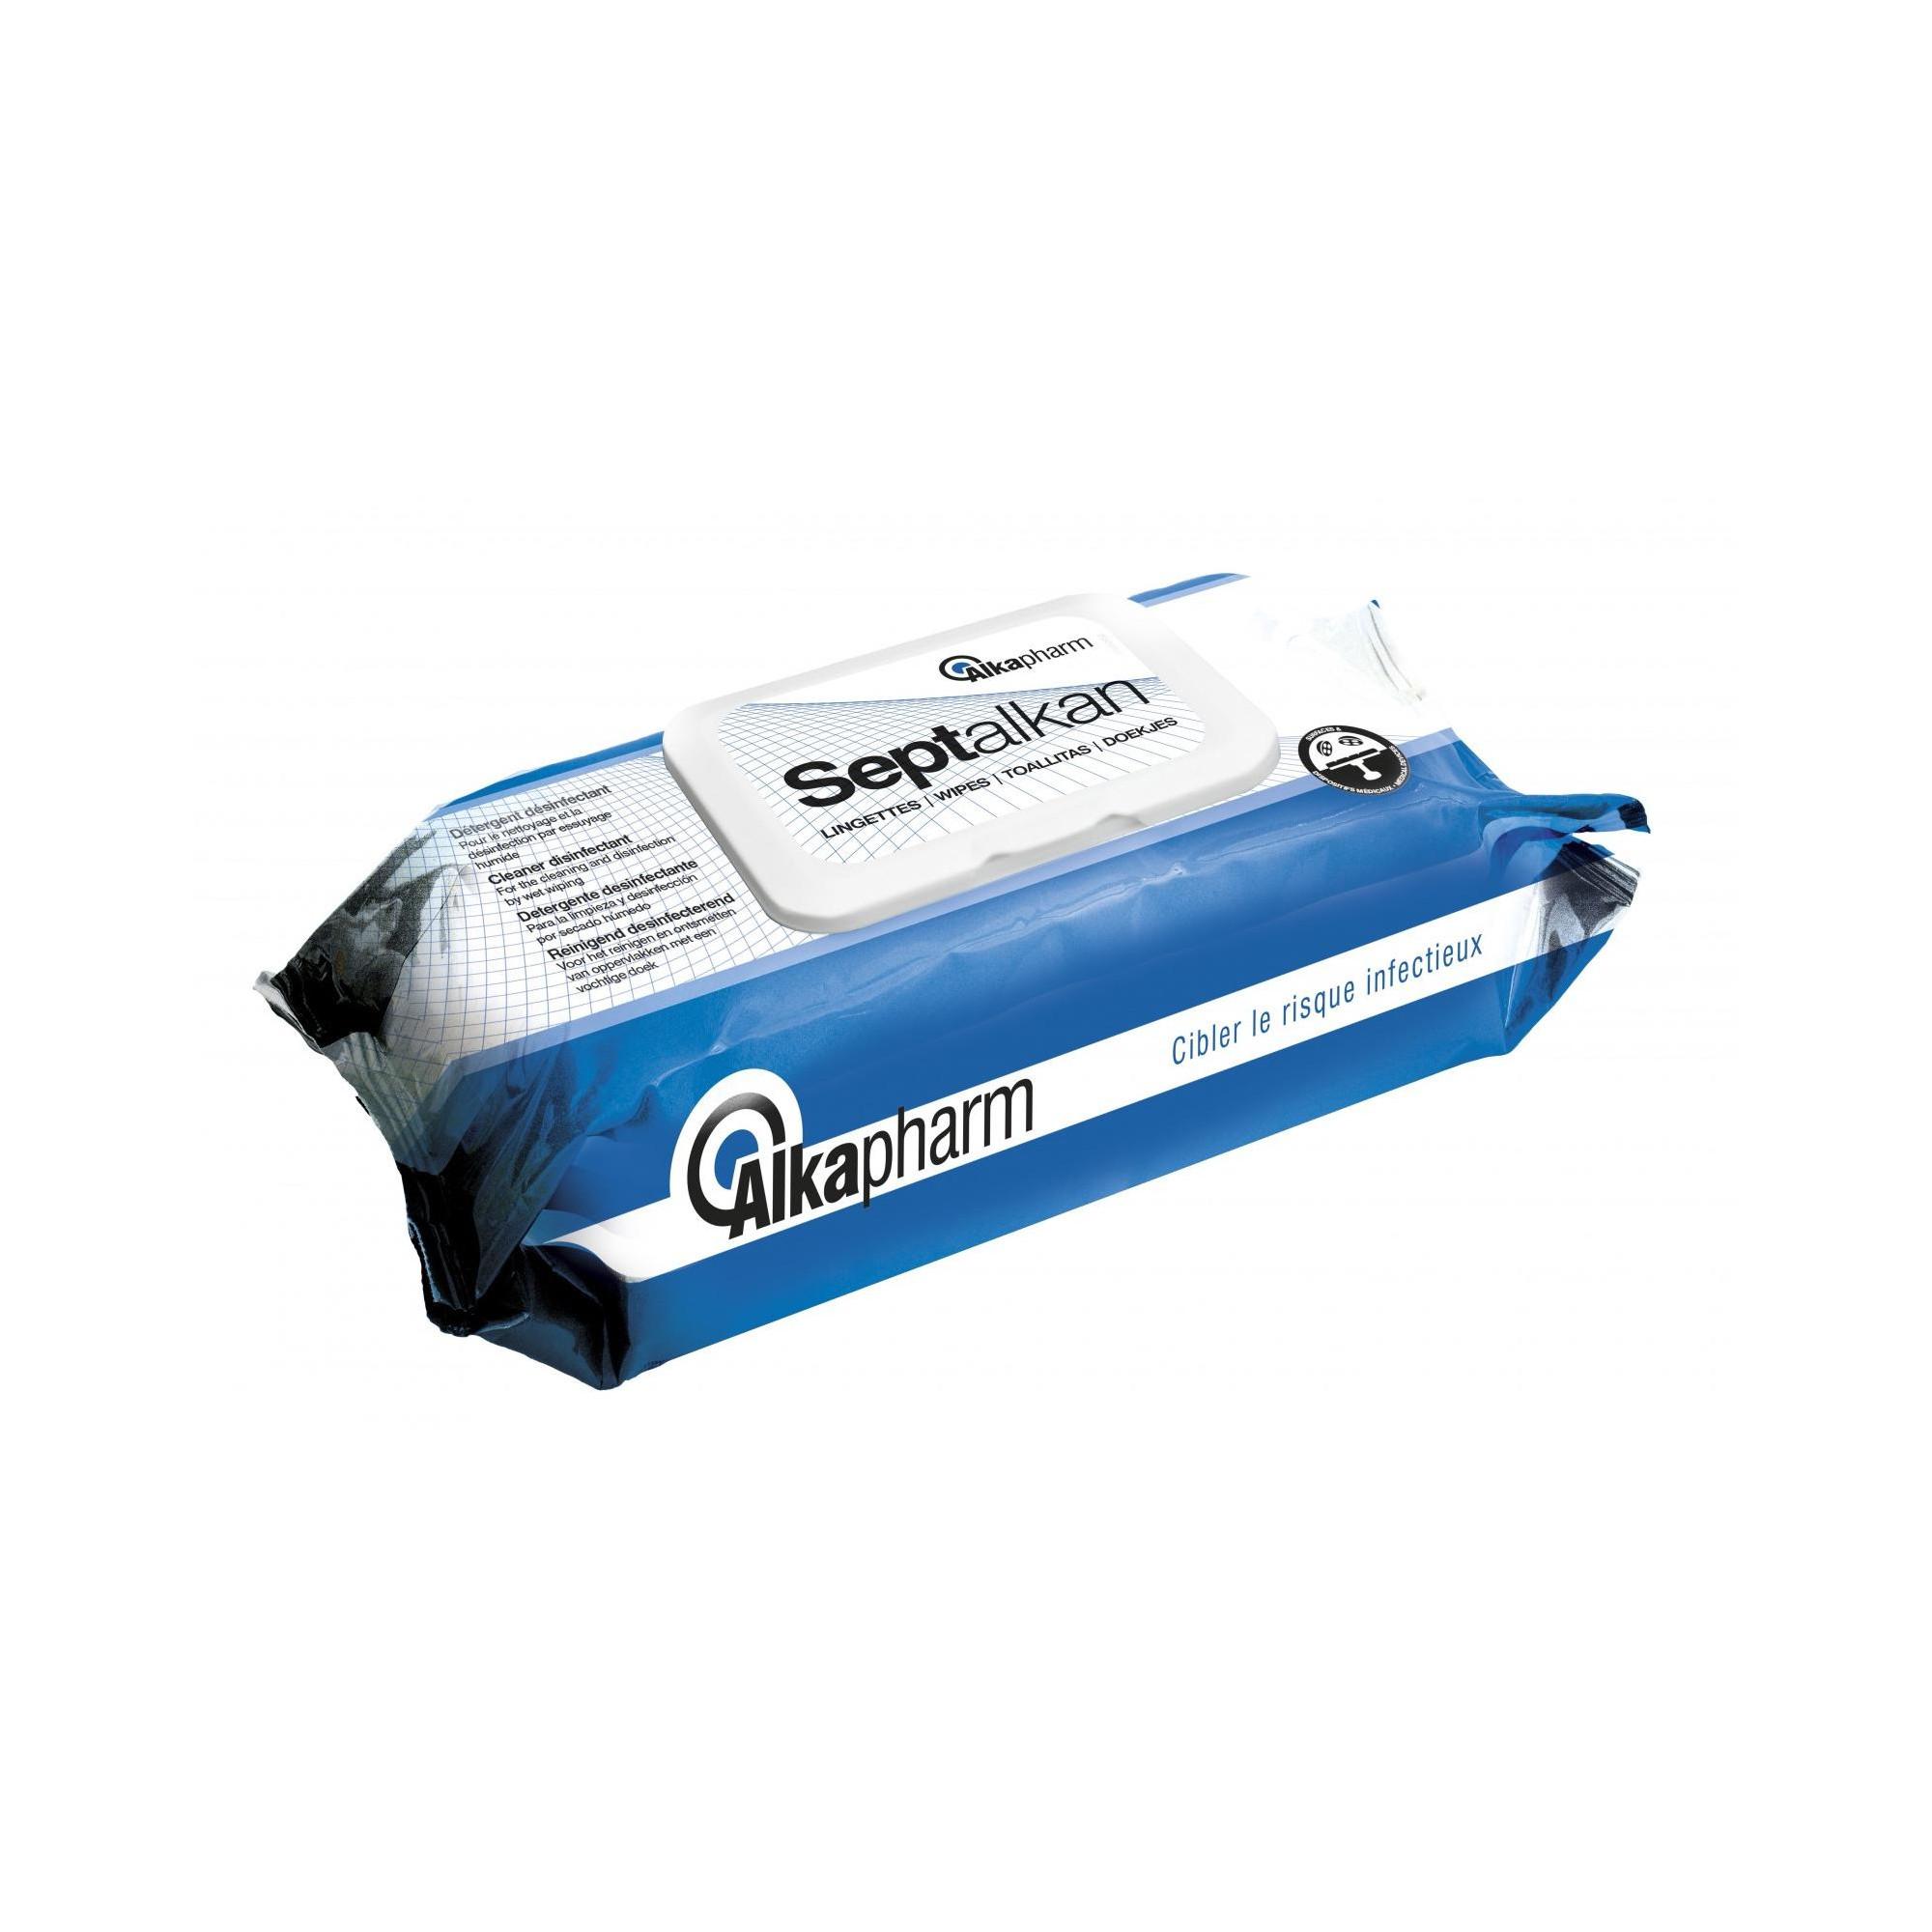 Septalkan - Désinfection des surfaces, équipements et dispositifs médicaux - 100 lingettes - Alkapharm